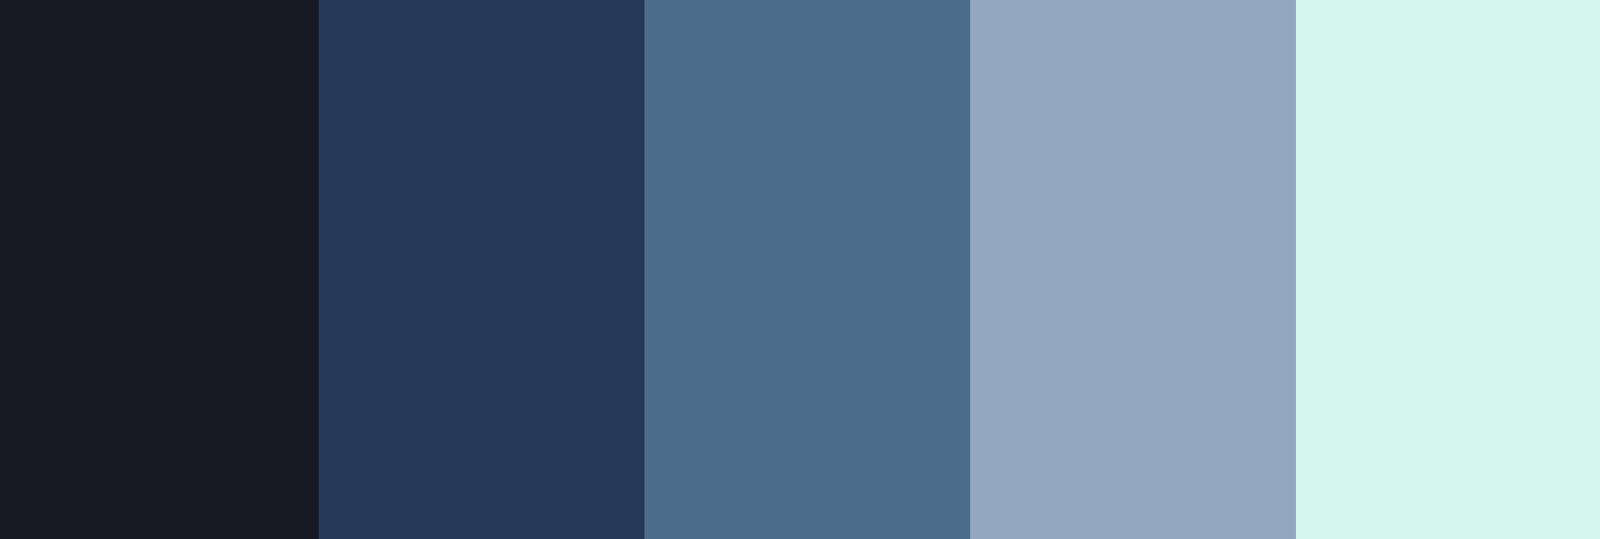 paleta de colores azul